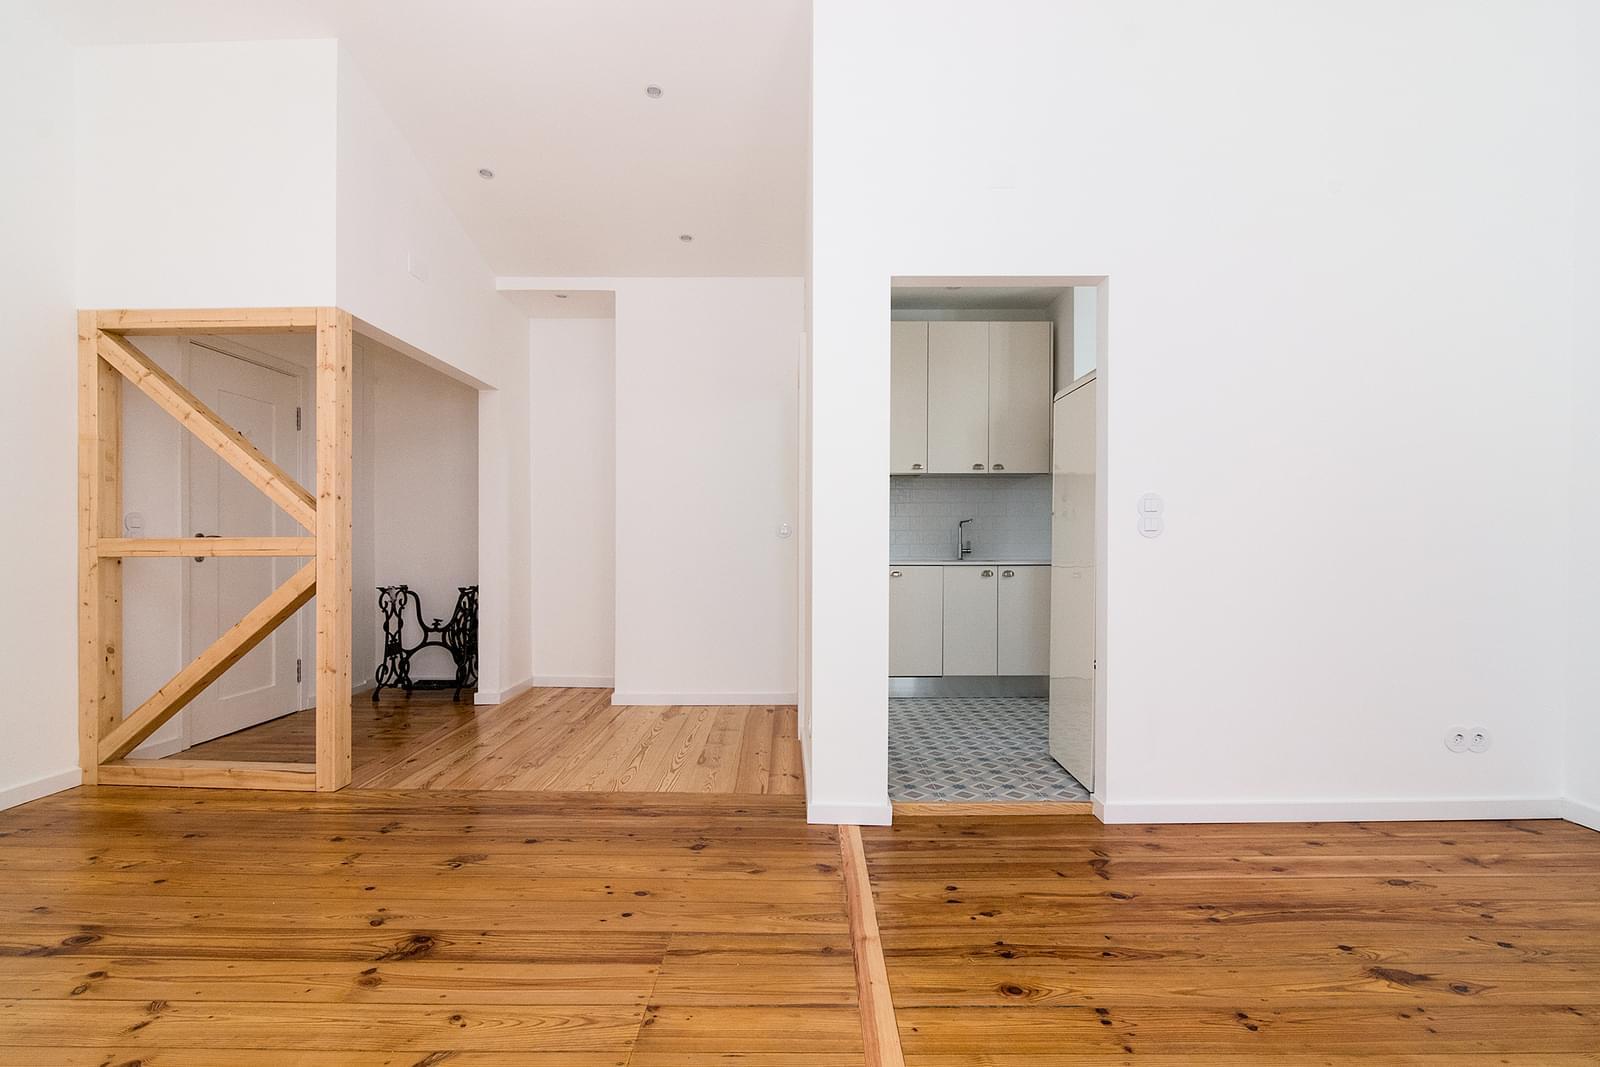 pf16908-apartamento-t2-lisboa-40f78194-dff2-409f-8595-500c753c7d65